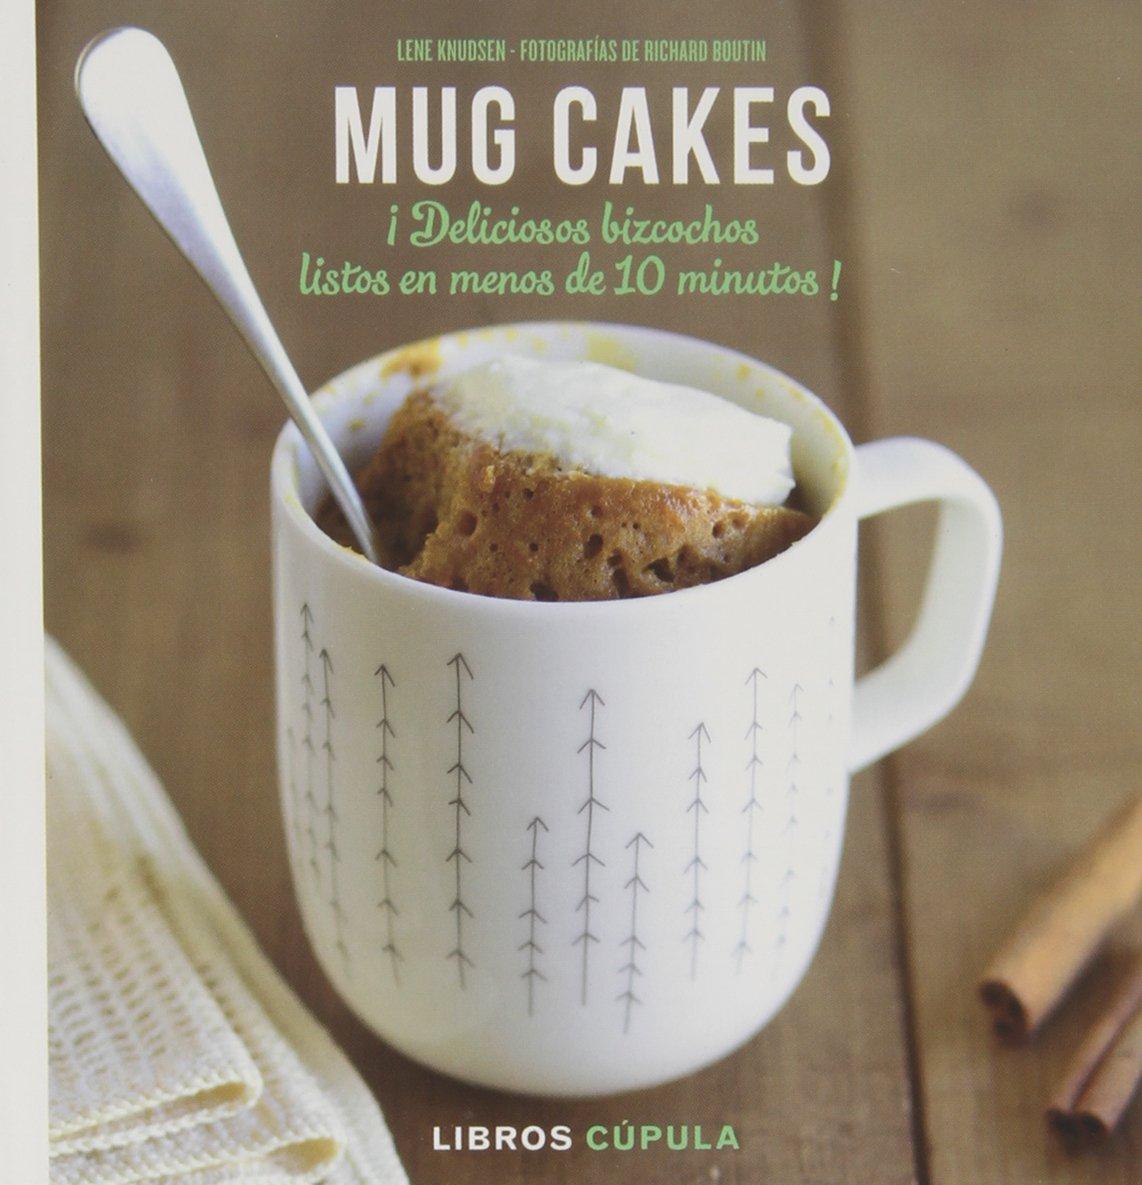 Kit Mug cakes: ¡Deliciosos bizcochos listos en menos de 10 minutos ...